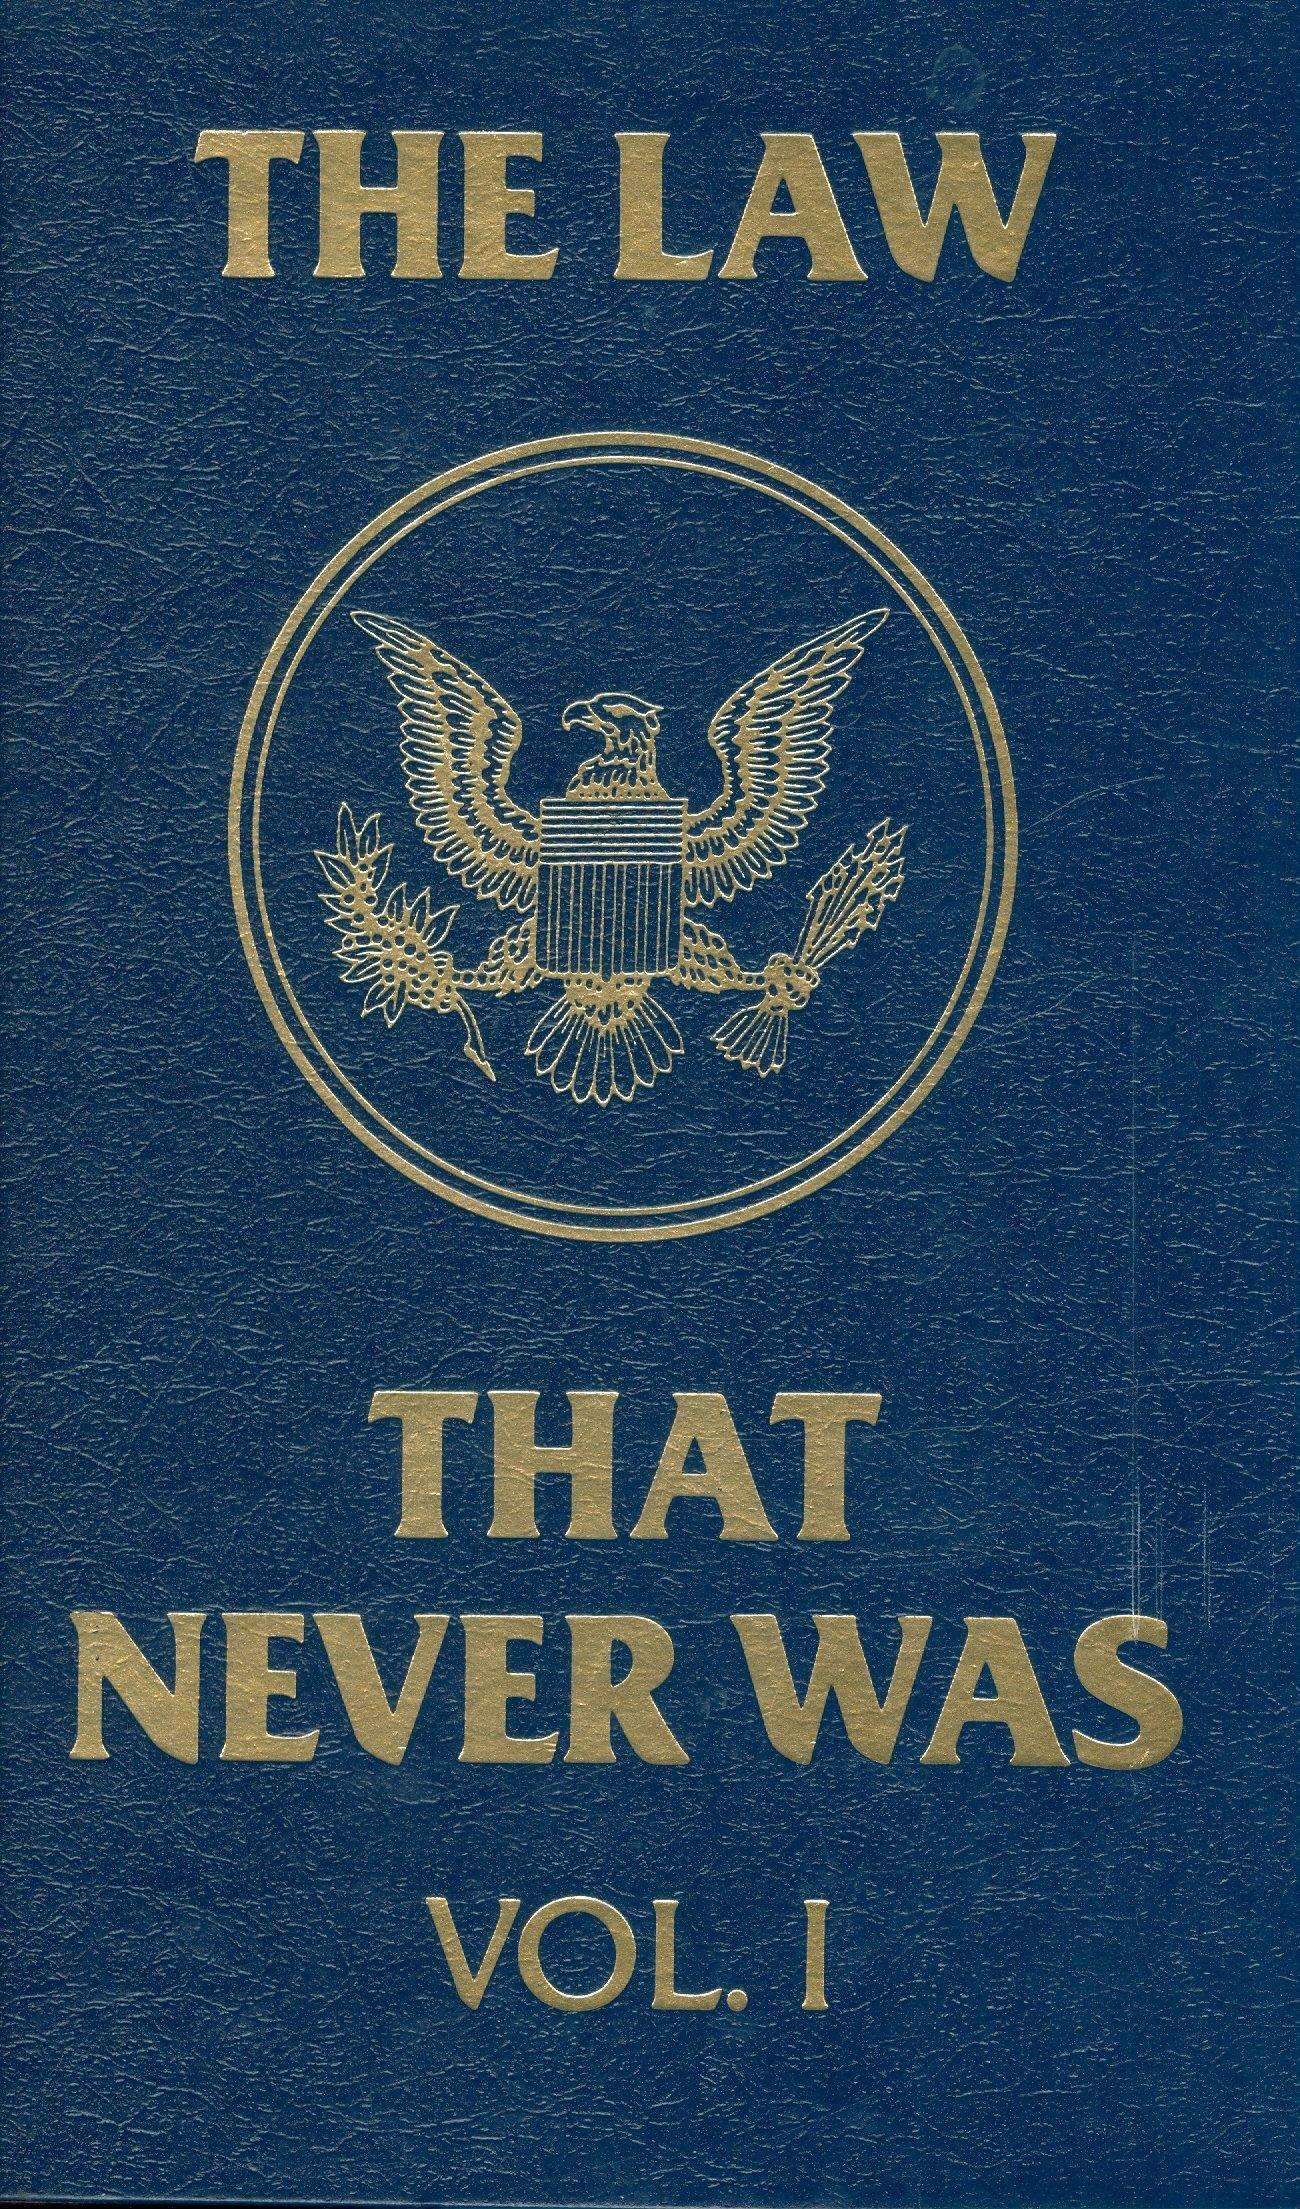 16th Amendment of The 16th Amendment